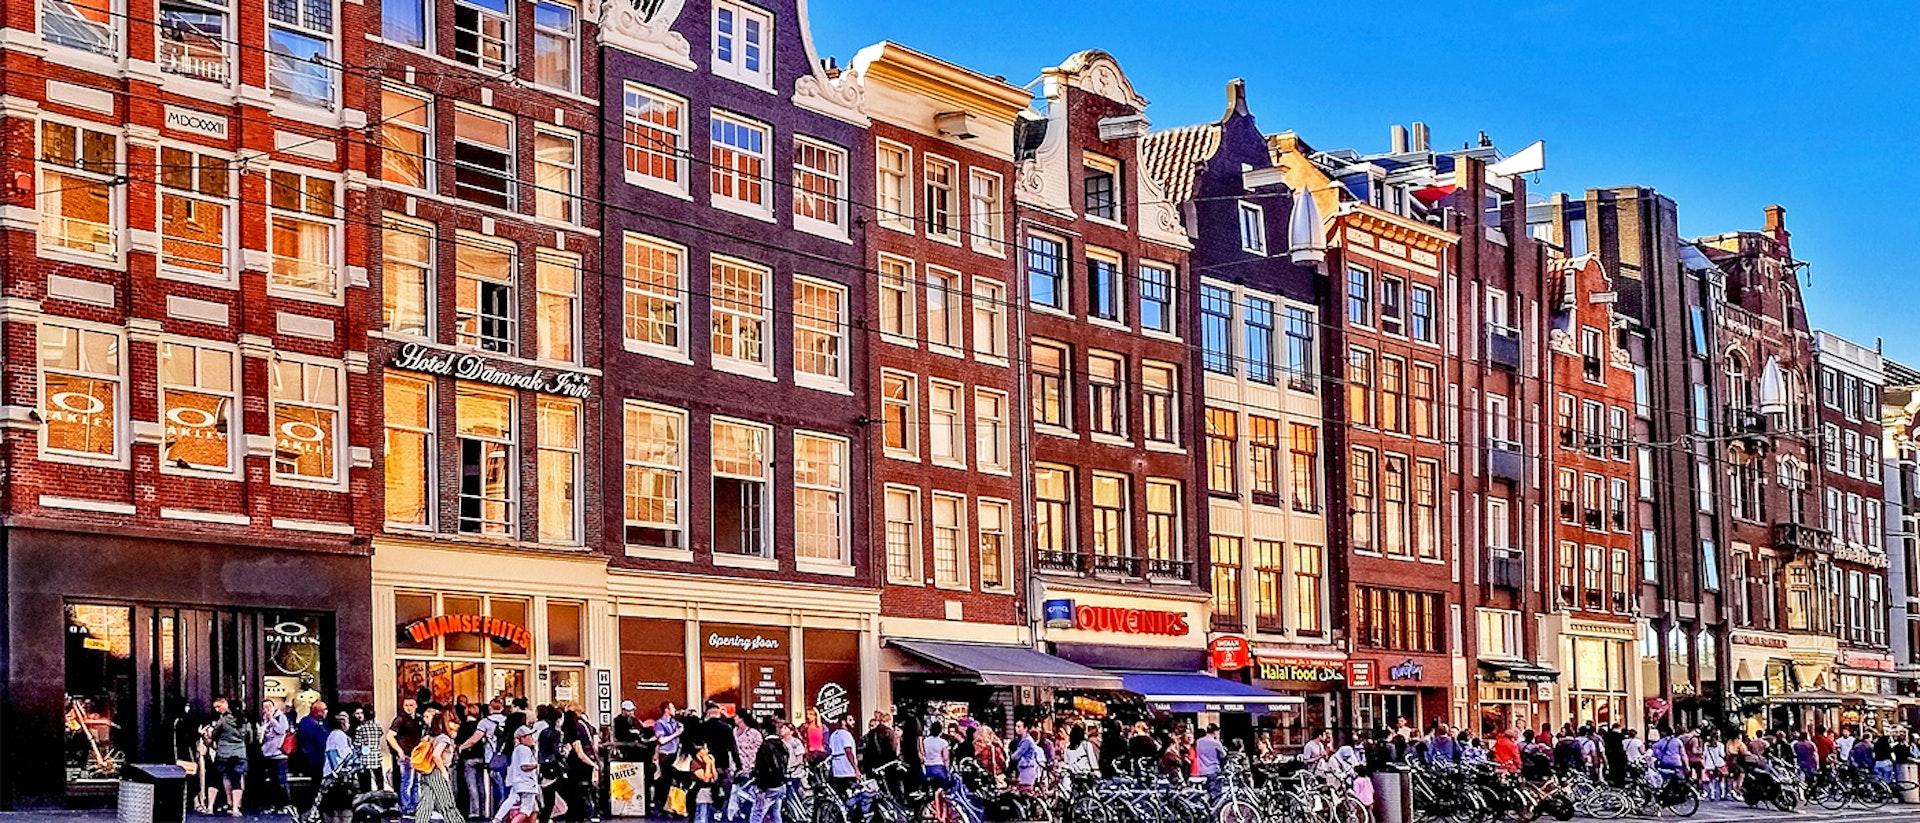 6x Ontspannen in het altijd levendige Amsterdam